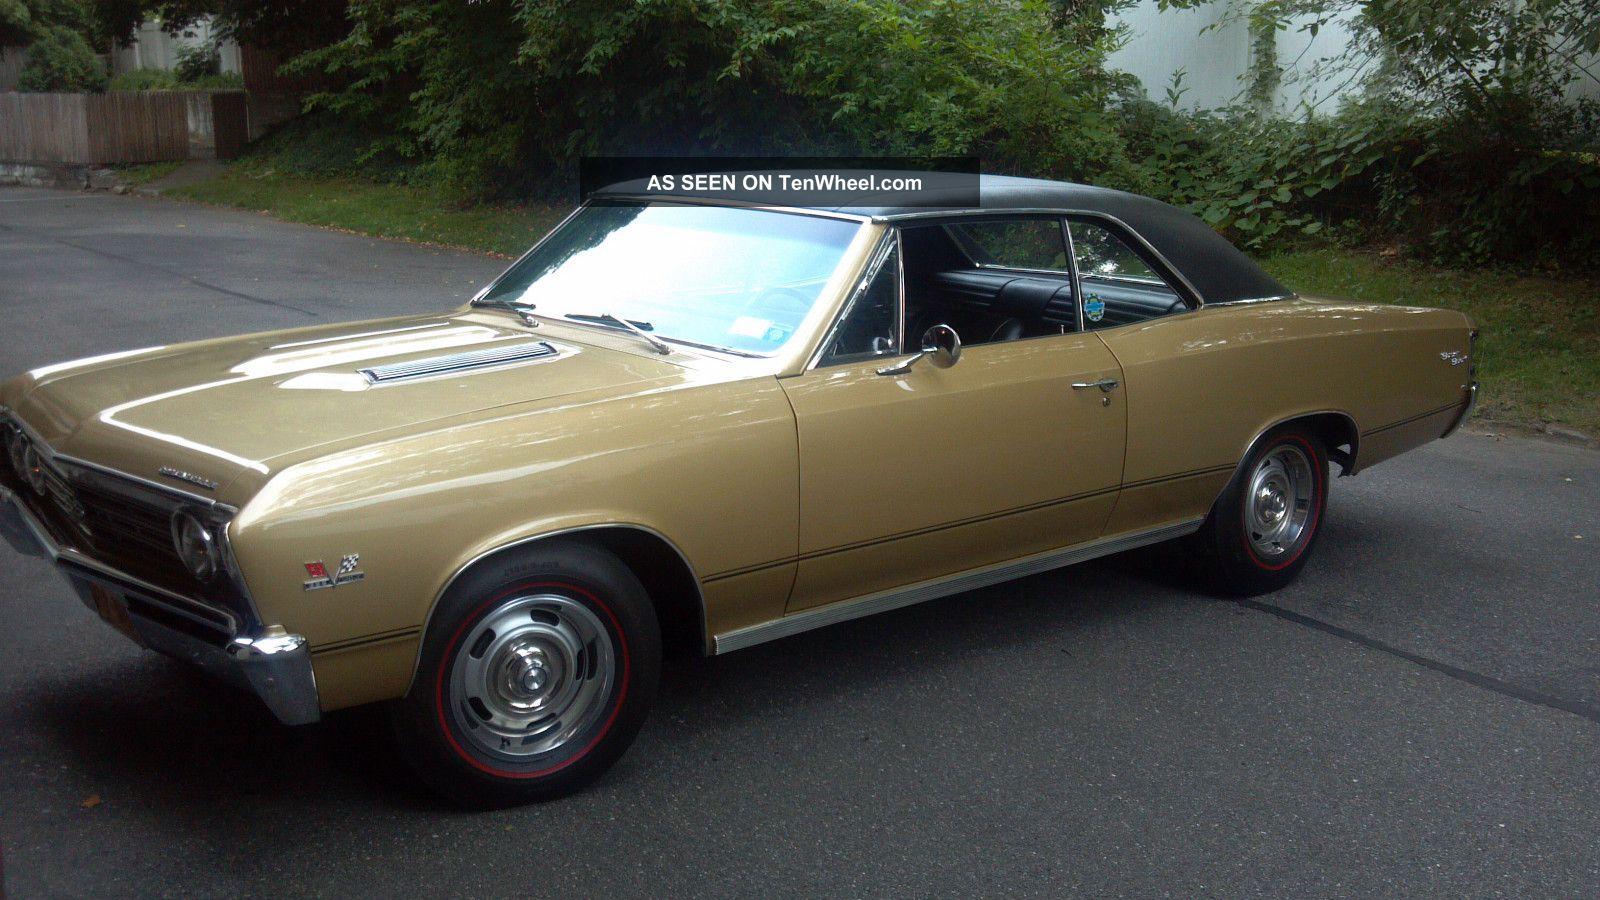 1967 chevrolet chevelle ss 396 2 door hardtop front 3 4 44313 - 1967 Chevrolet Chevelle Ss 396 2 Door Coupe Side Pro 139107 1000x667 1967